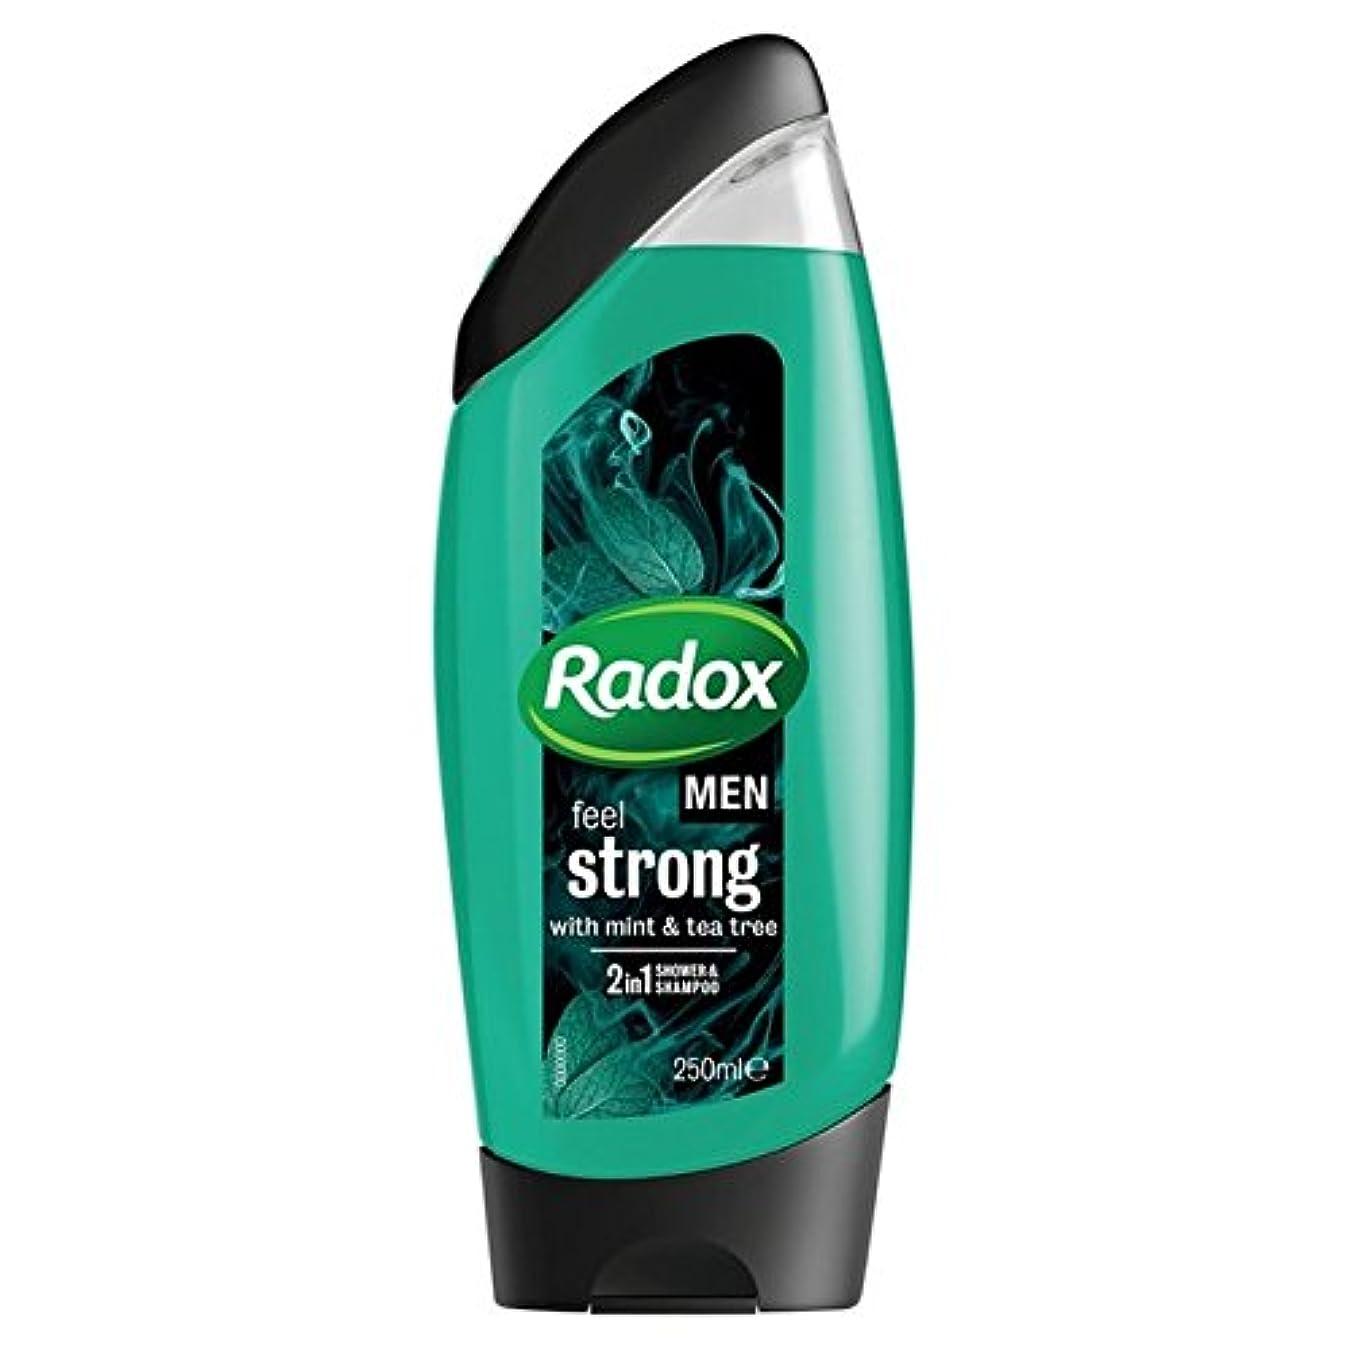 上げるマイルド科学Radox Men Feel Strong Mint & Tea Tree 2in1 Shower Gel 250ml - 男性は、強力なミント&ティーツリーの21のシャワージェル250ミリリットルを感じます [並行輸入品]